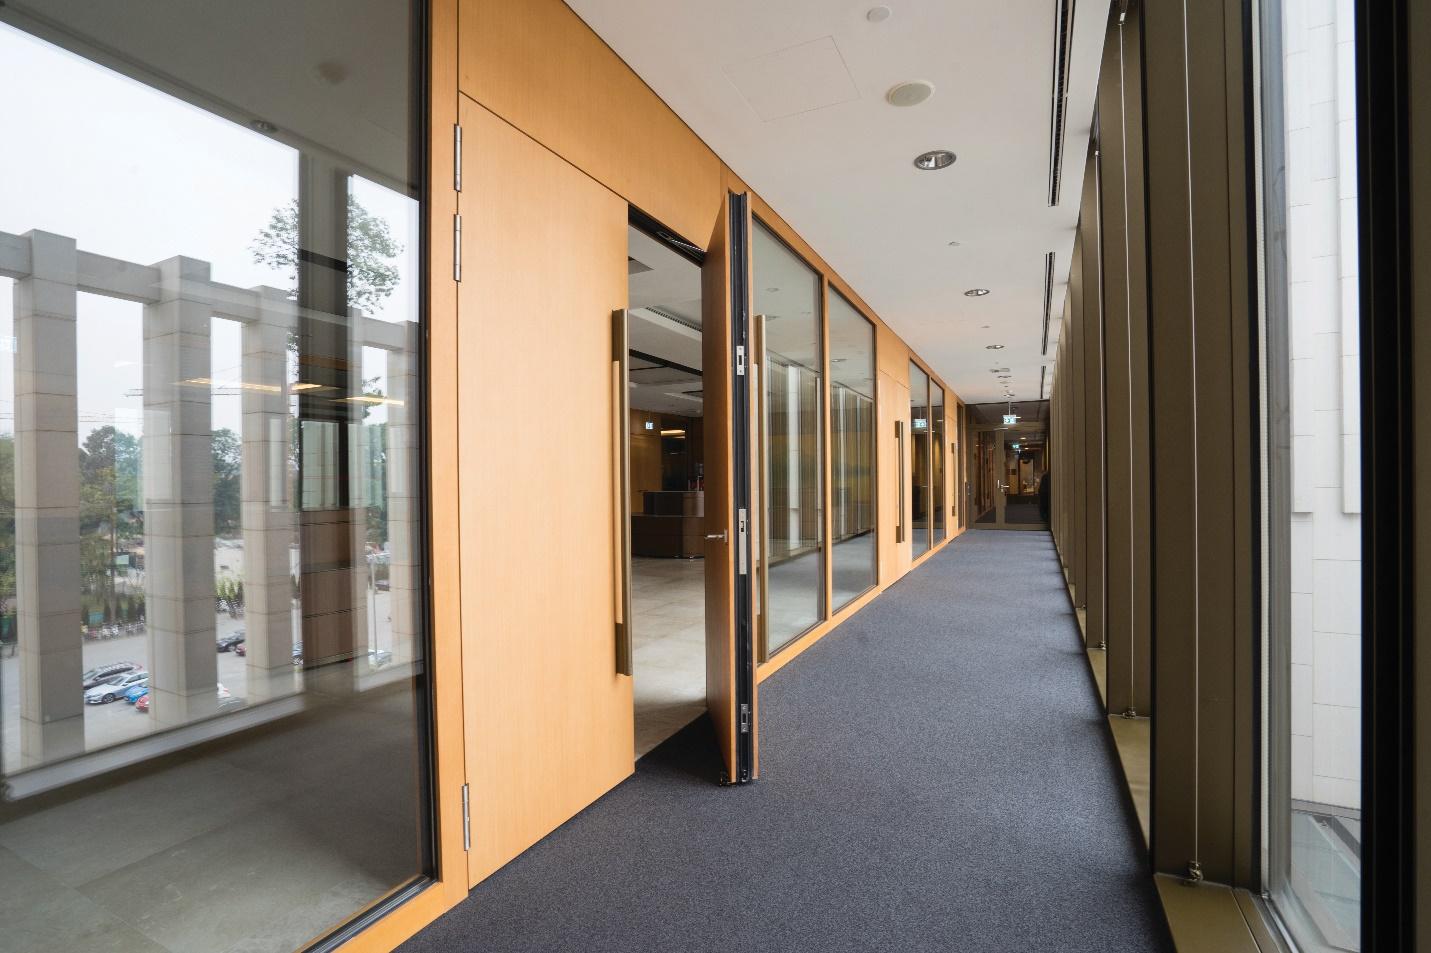 Cửa gỗ chống cháy Eurowindow lắp đặt tại công trình Nhà Quốc Hội, Q. Ba Đình, Hà Nội